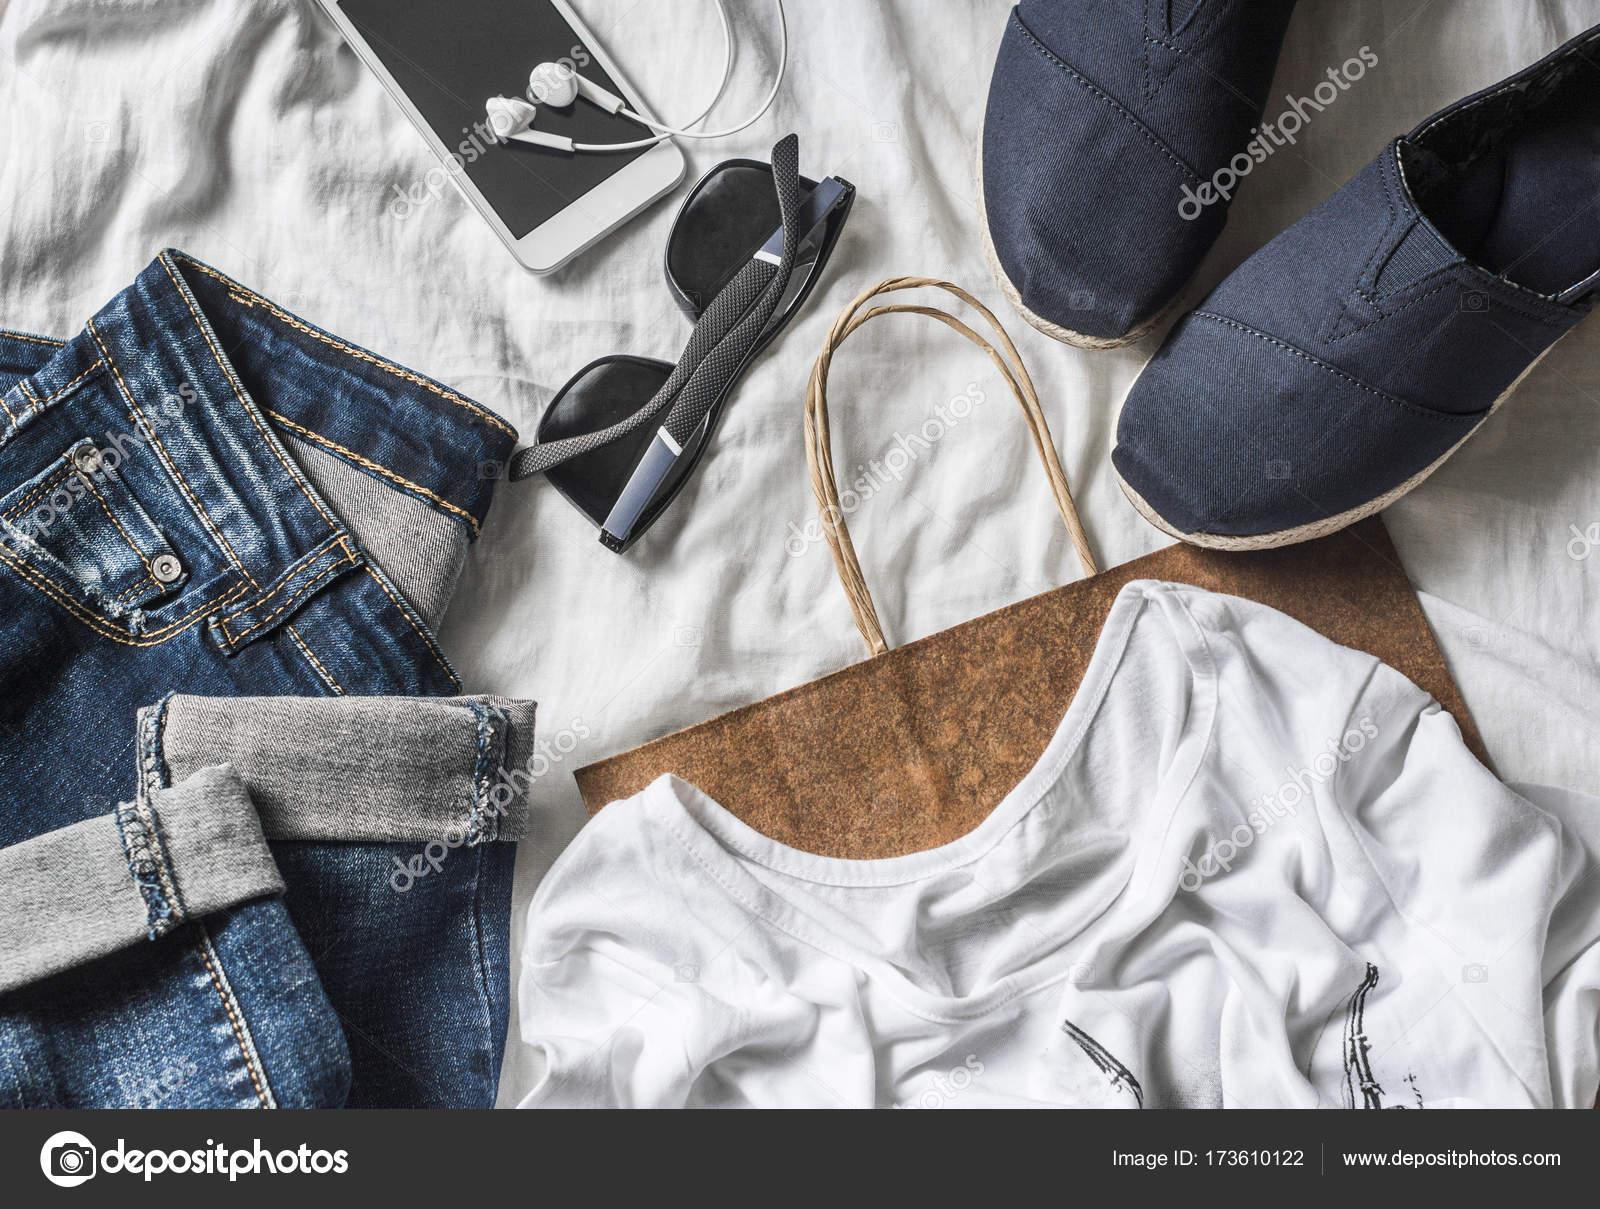 Kaufen Kleidung Femme Kleidung Kaufen KonzeptJeansSneakerHandy Femme 8kN0OPZnwX